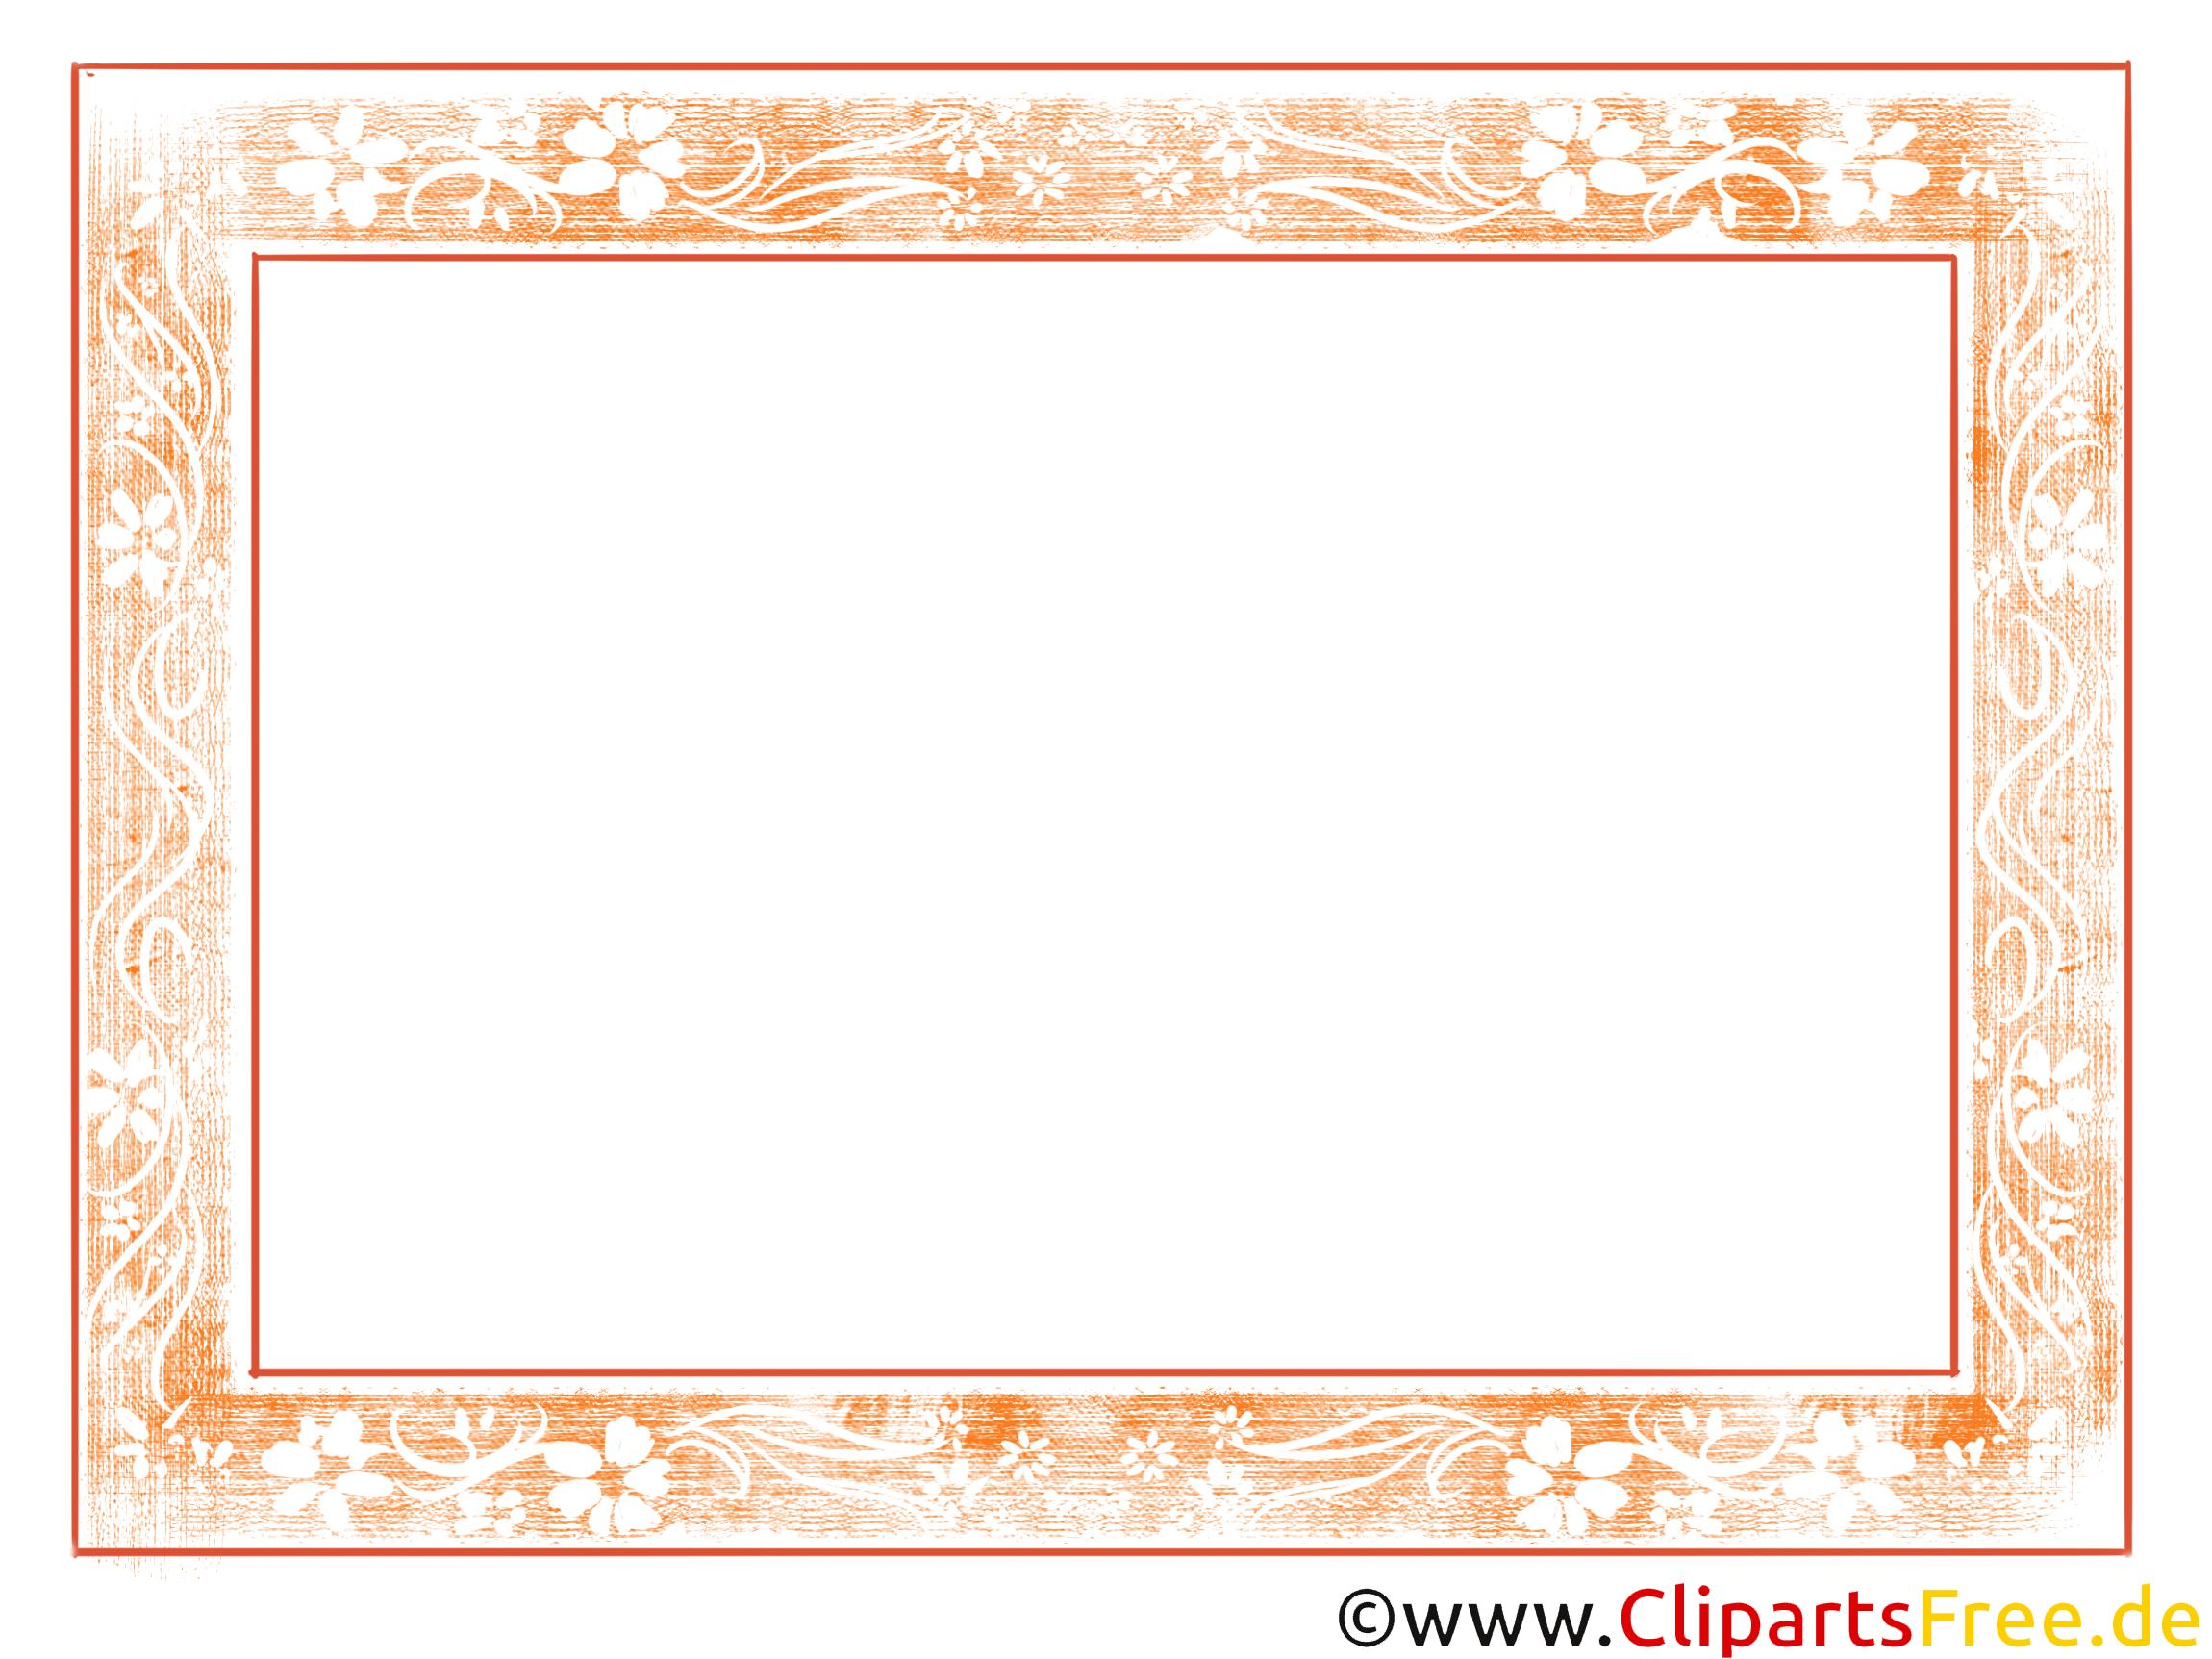 Bilderrahmen für Gemälde - Clipart kostenlos